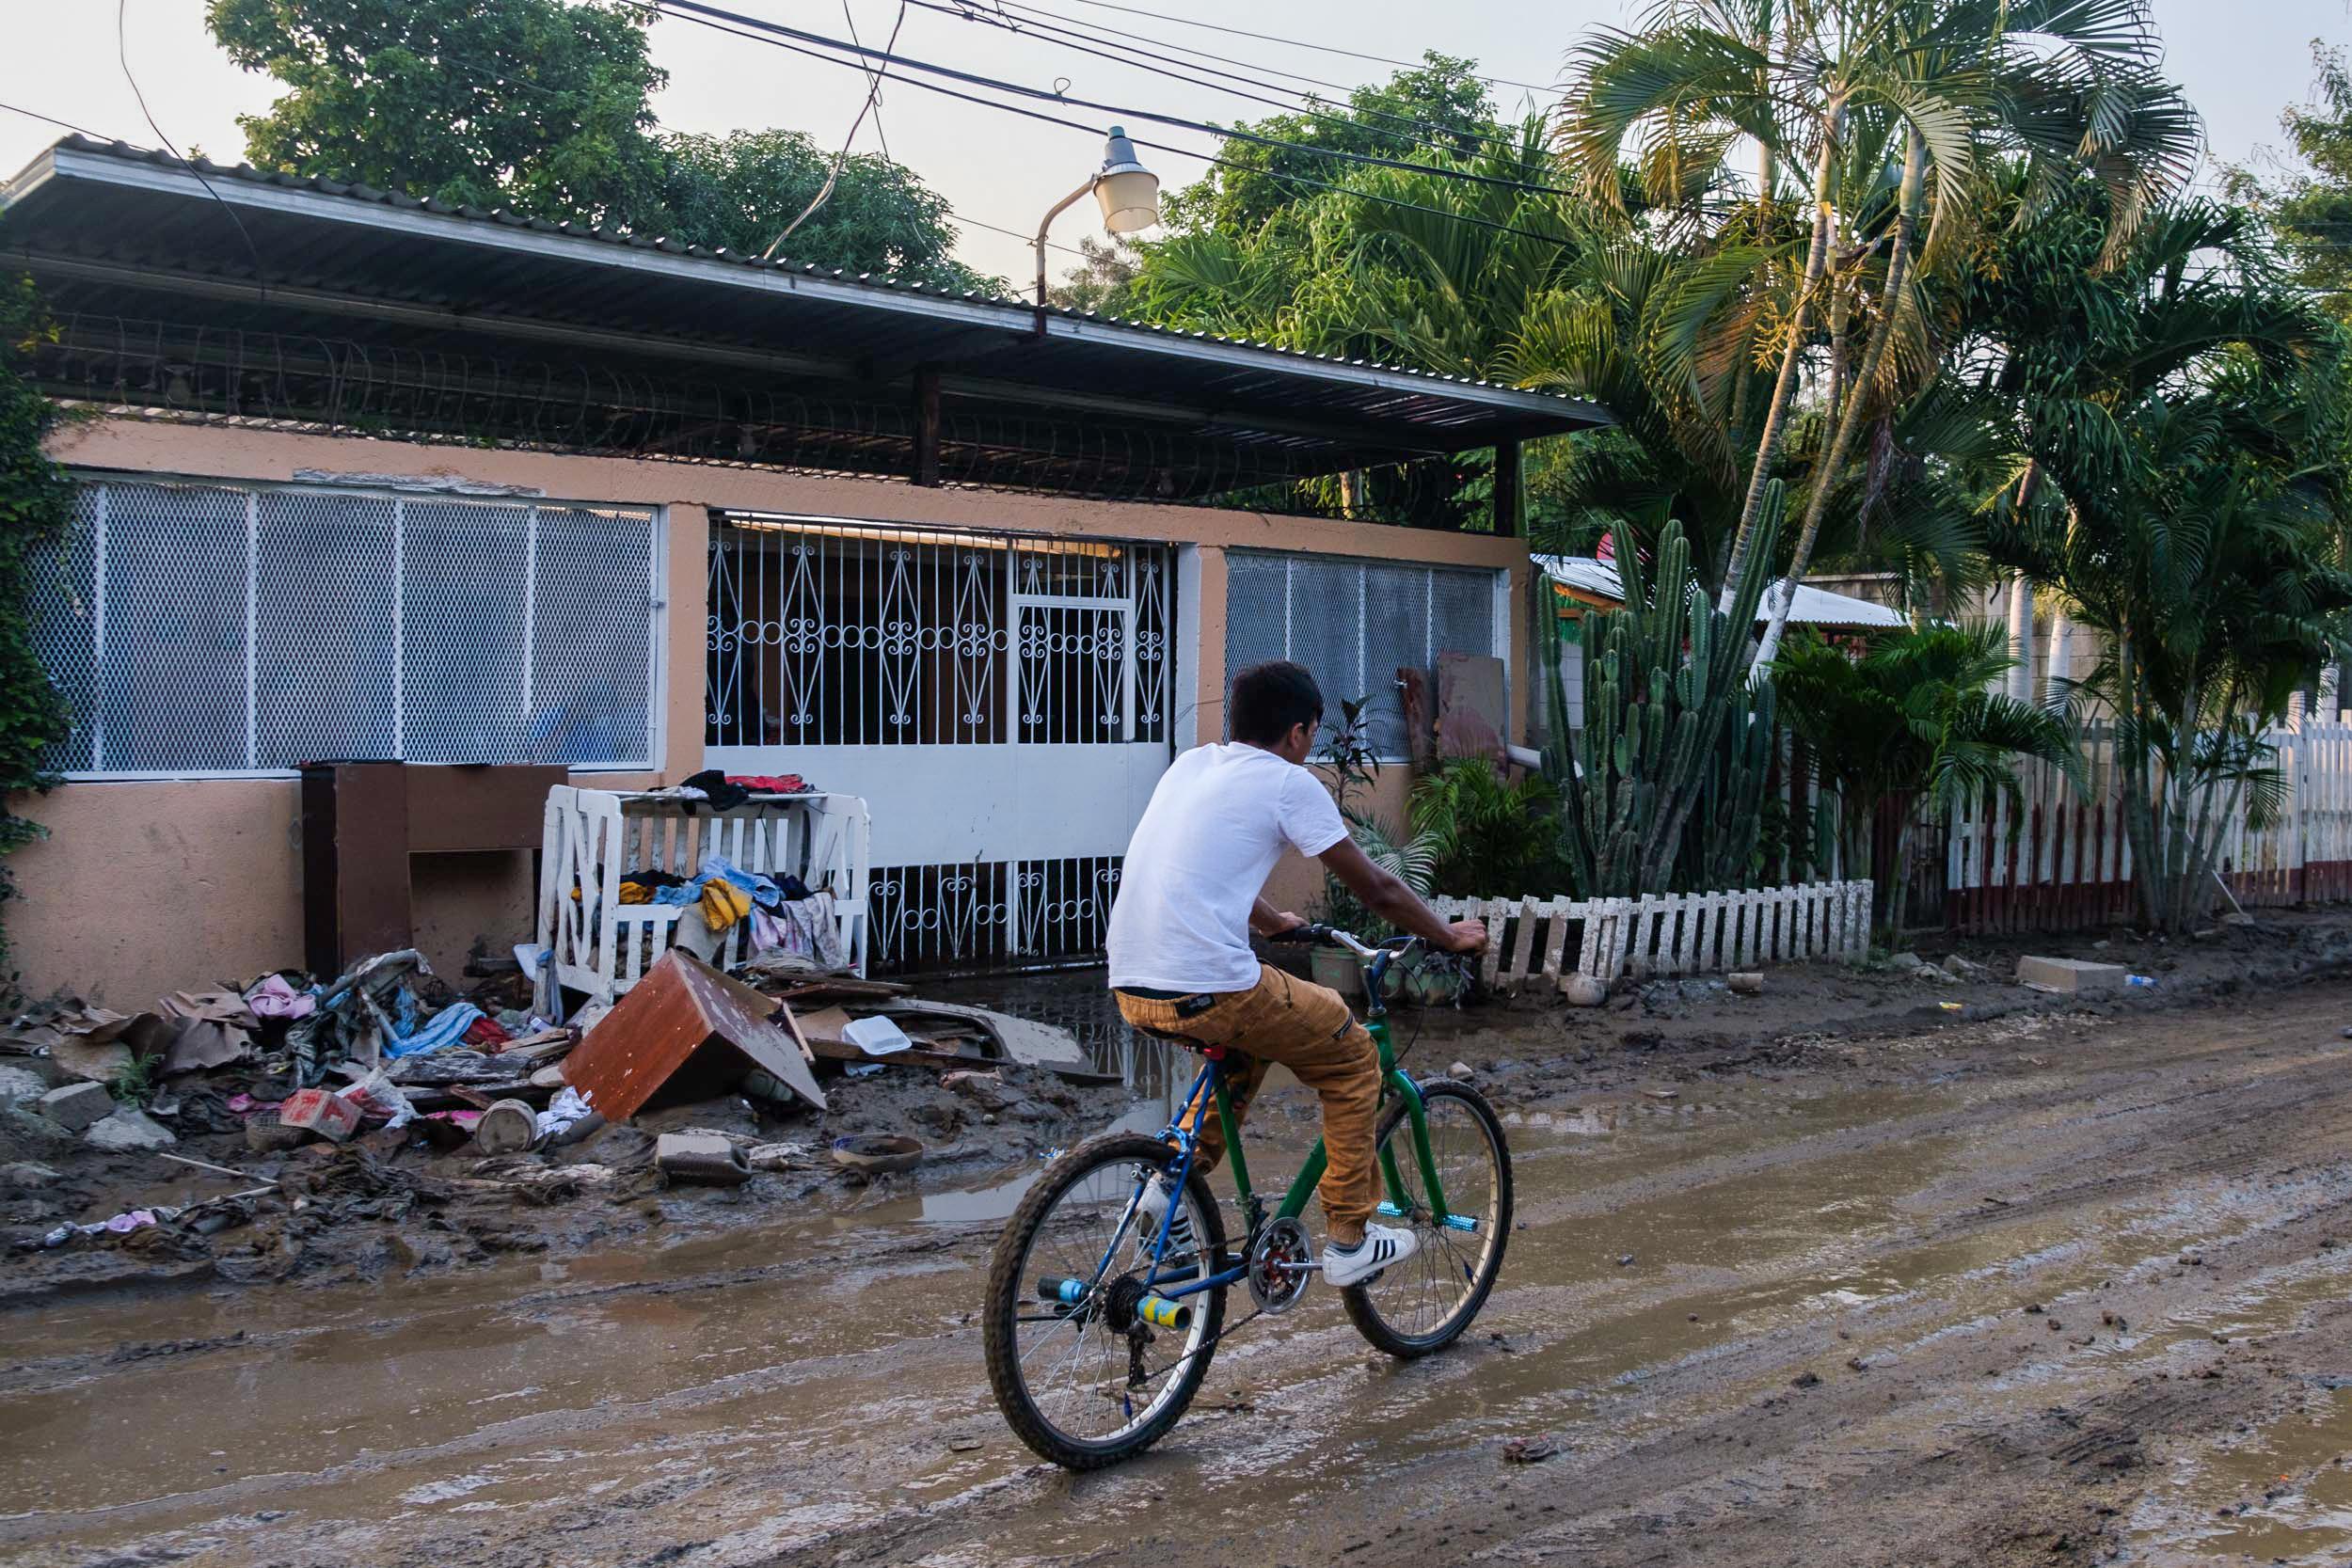 Los vecinos de la colonia Sabillón comenzaron a limpiar sus viviendas. San Pedro Sula, 10 de noviembre de 2020. Foto: Deiby Yanes.